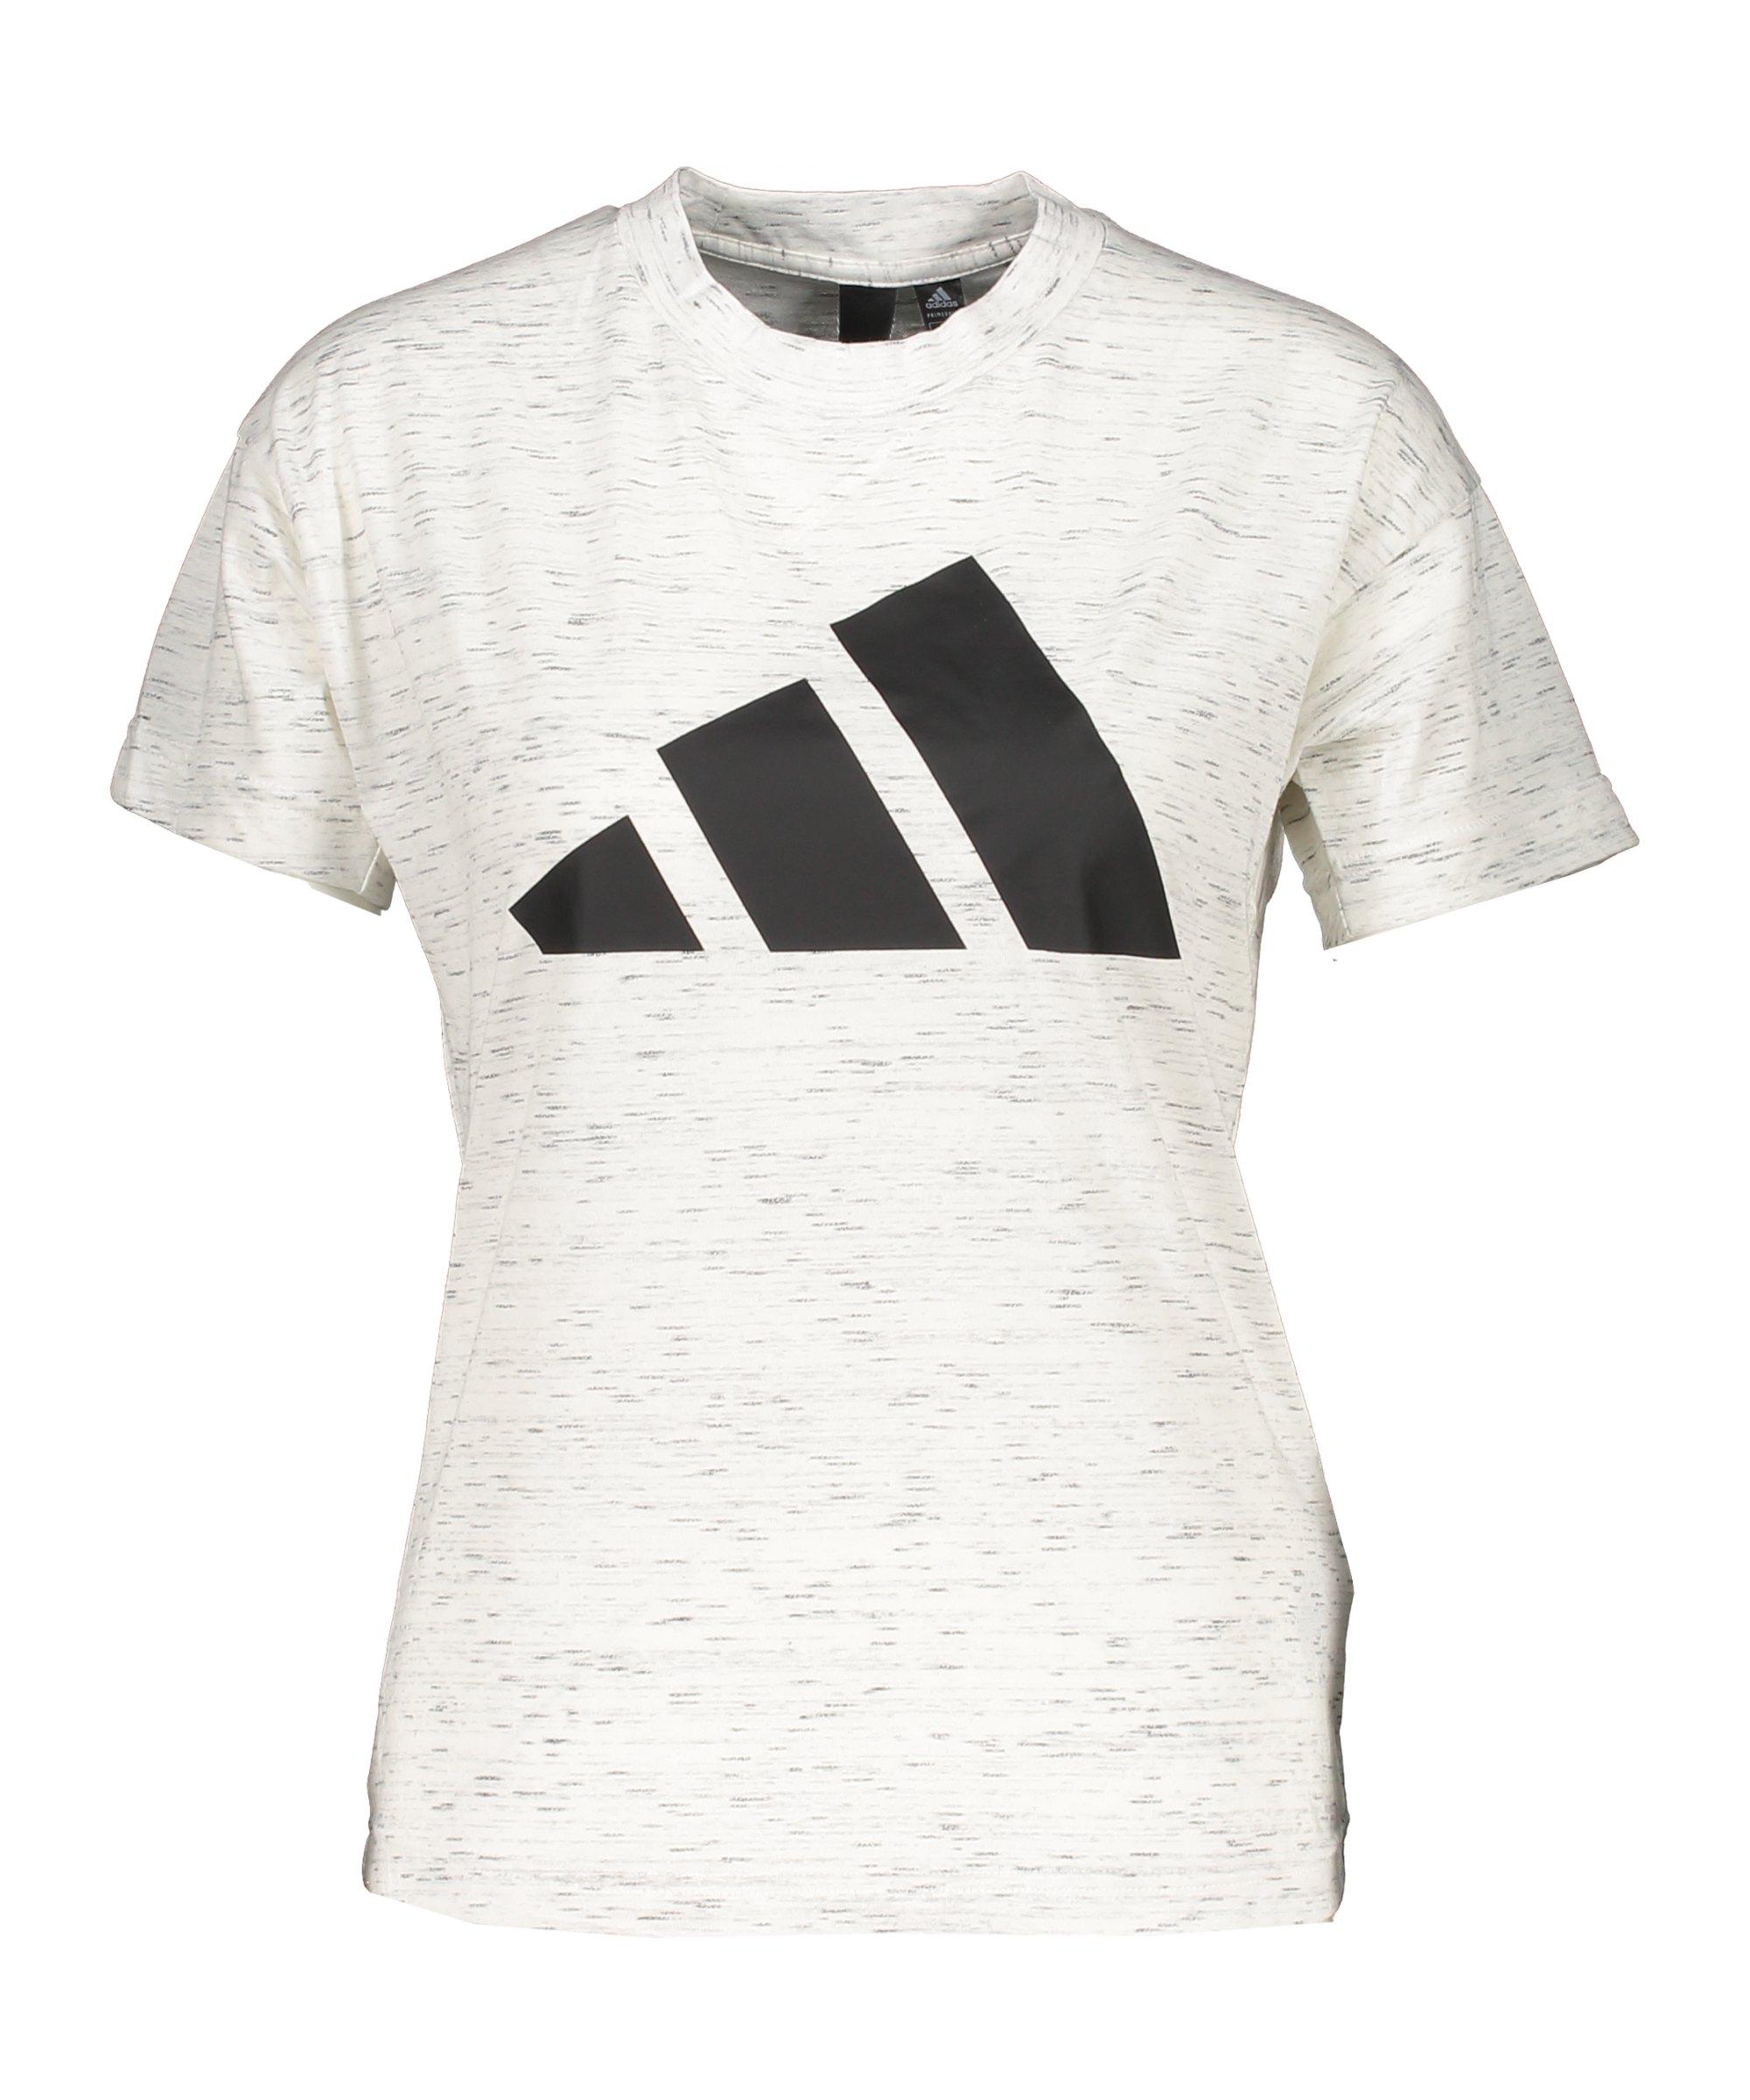 adidas Winners 2.0 T-Shirt Damen Weiss - weiss